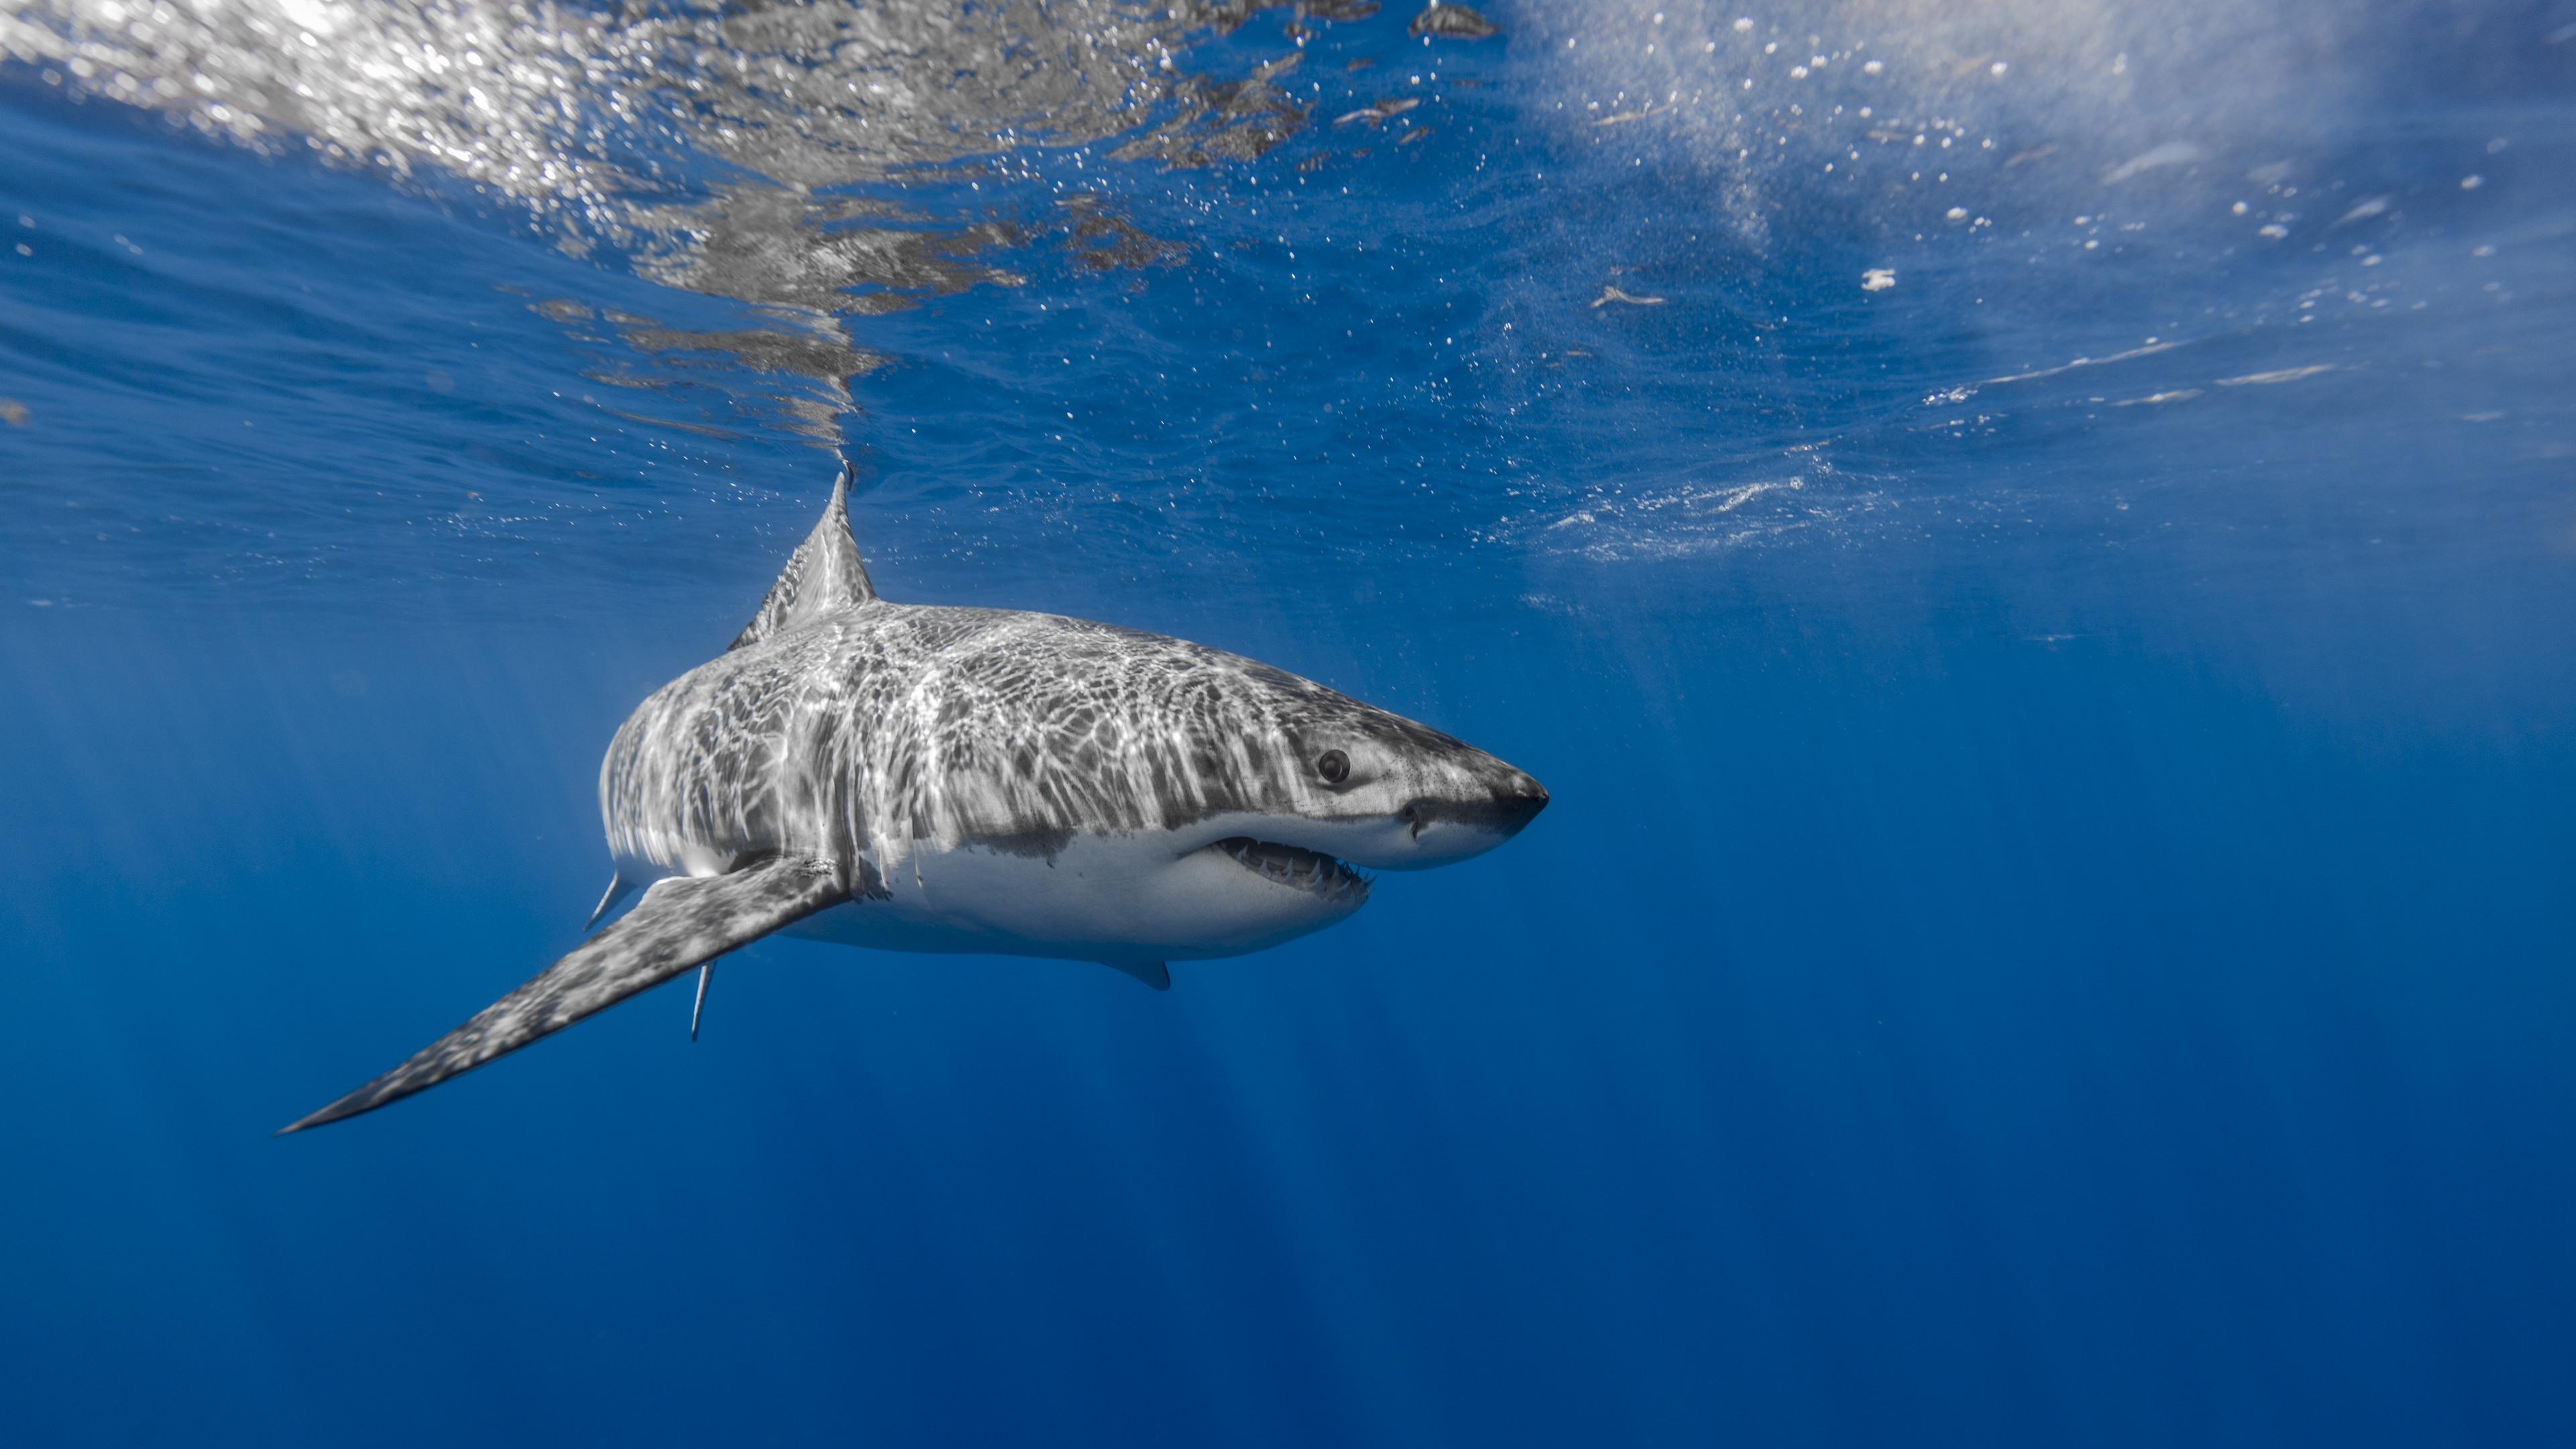 Картинки на телефон акула   подборка (2)